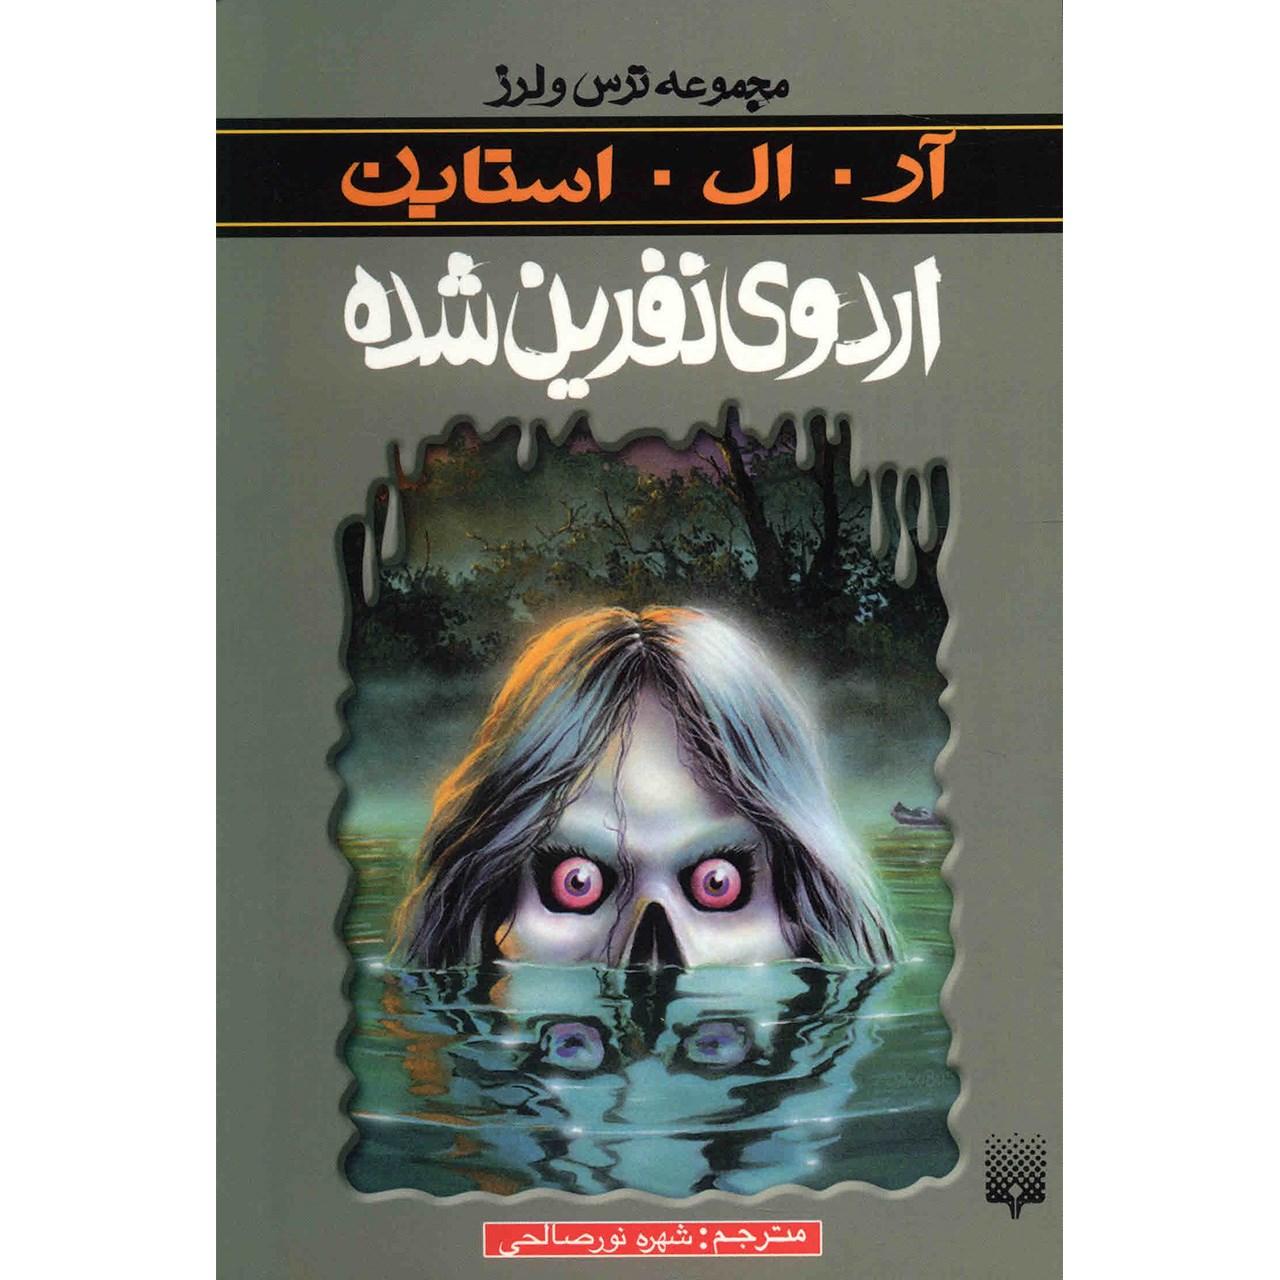 خرید                      کتاب اردوی نفرین شده اثر آر. ال. استاین